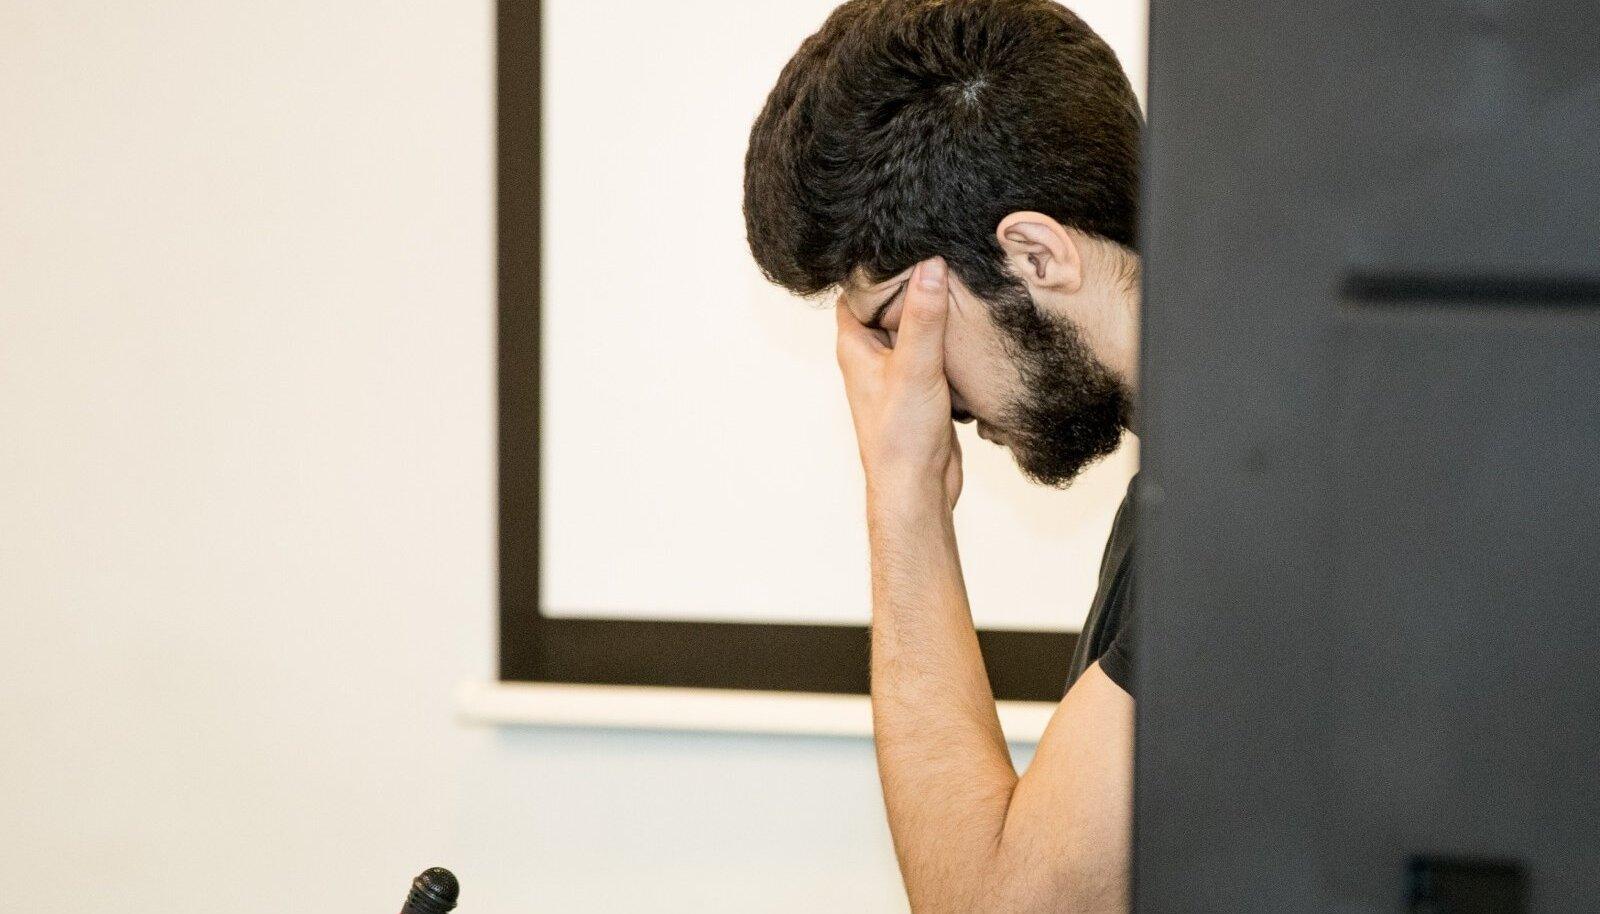 KÜMME AASTAT VANGISTUST: Süürlane Kovan Mohammad Harju Maakohtus kohtunik Merle Partsi otsust kuulamas.